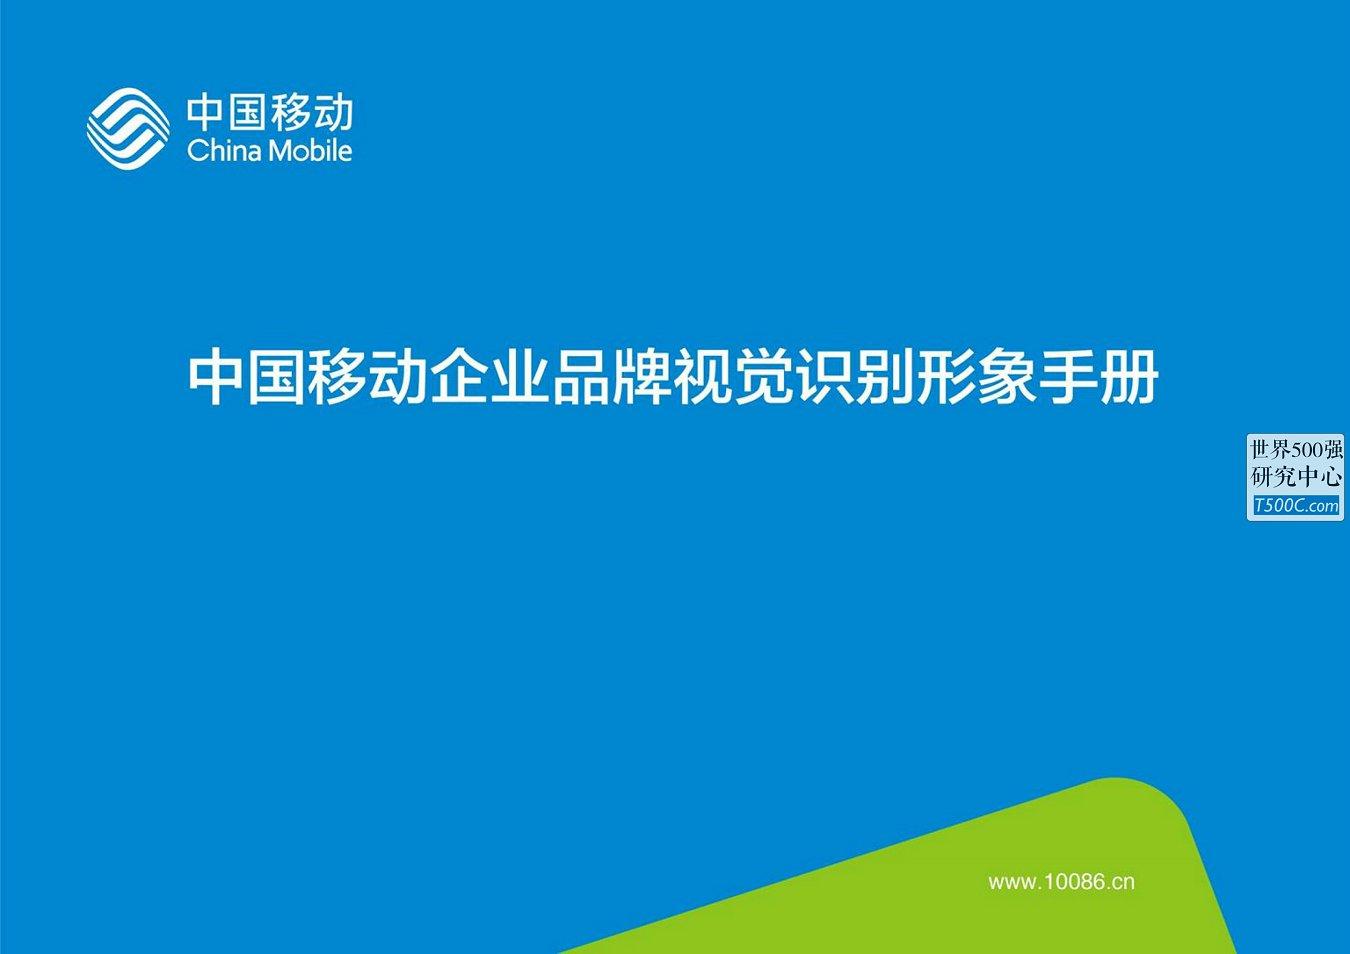 中国移动_品牌形象手册_t500c.com_企业品牌VI